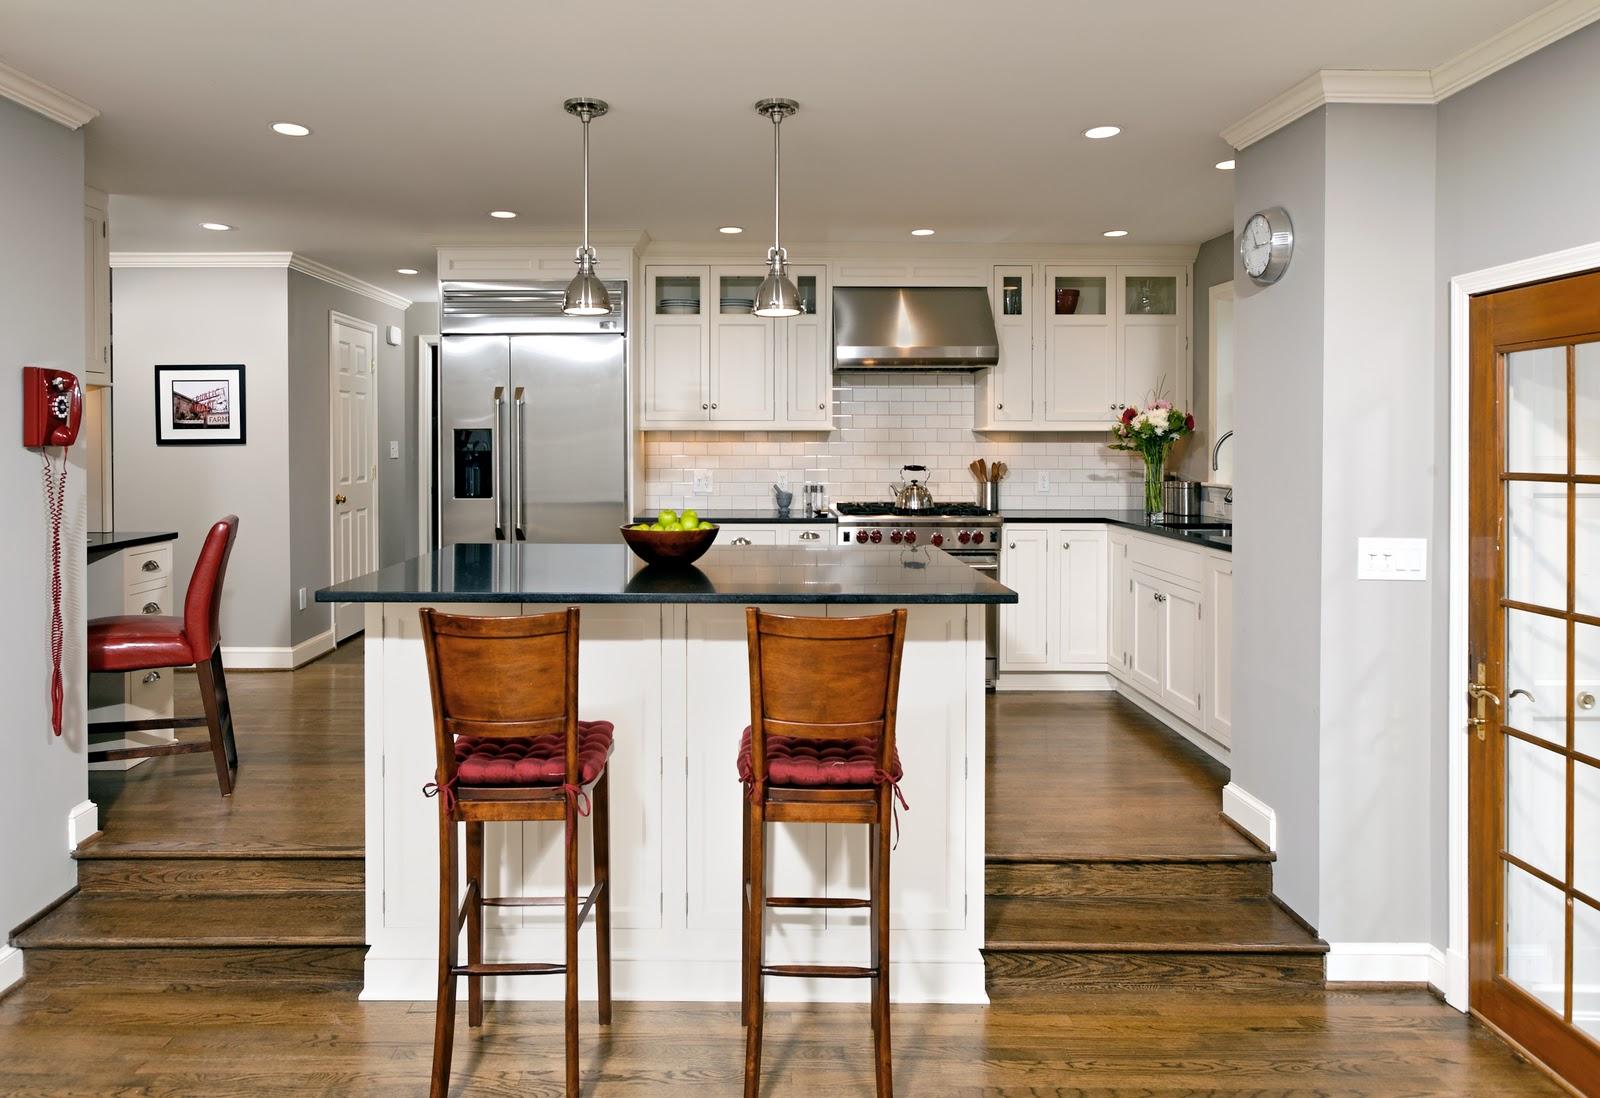 Virginia kitchens blog award winning kitchen design for Kitchen ideas com